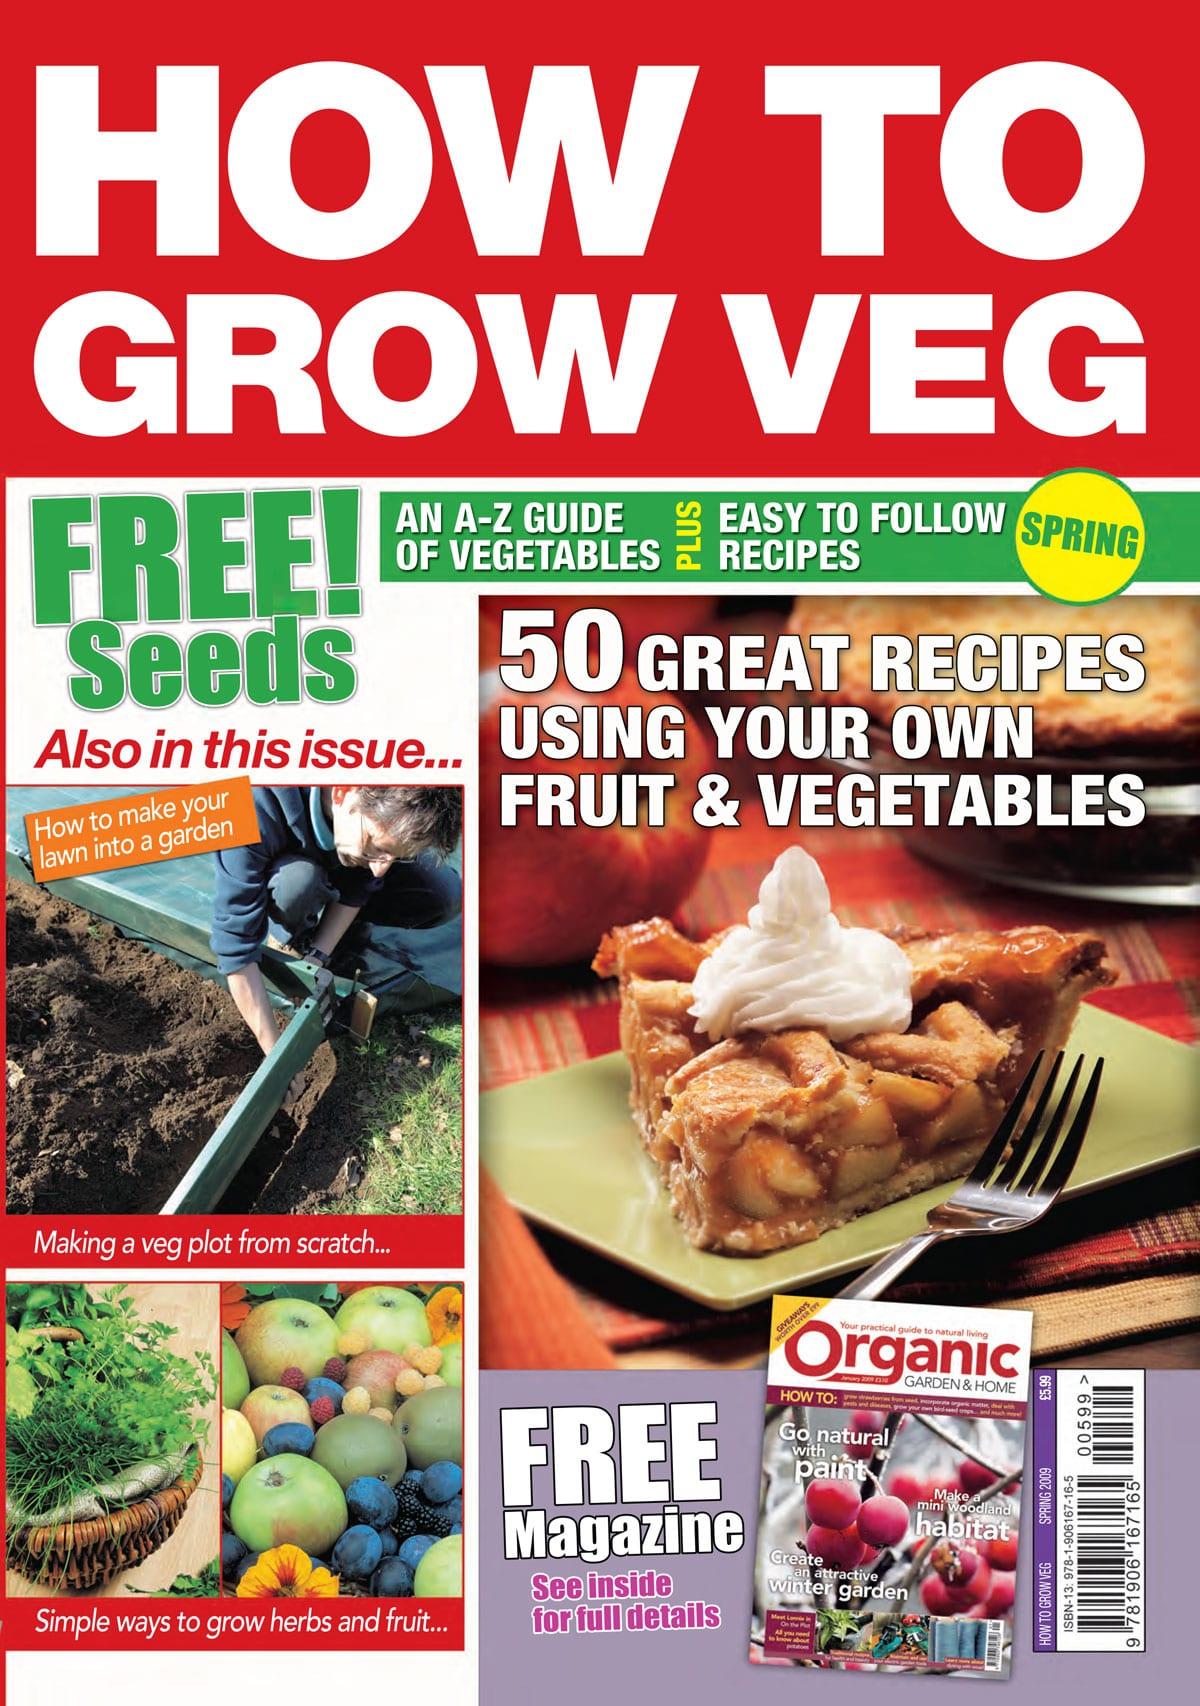 How To Grow Veg